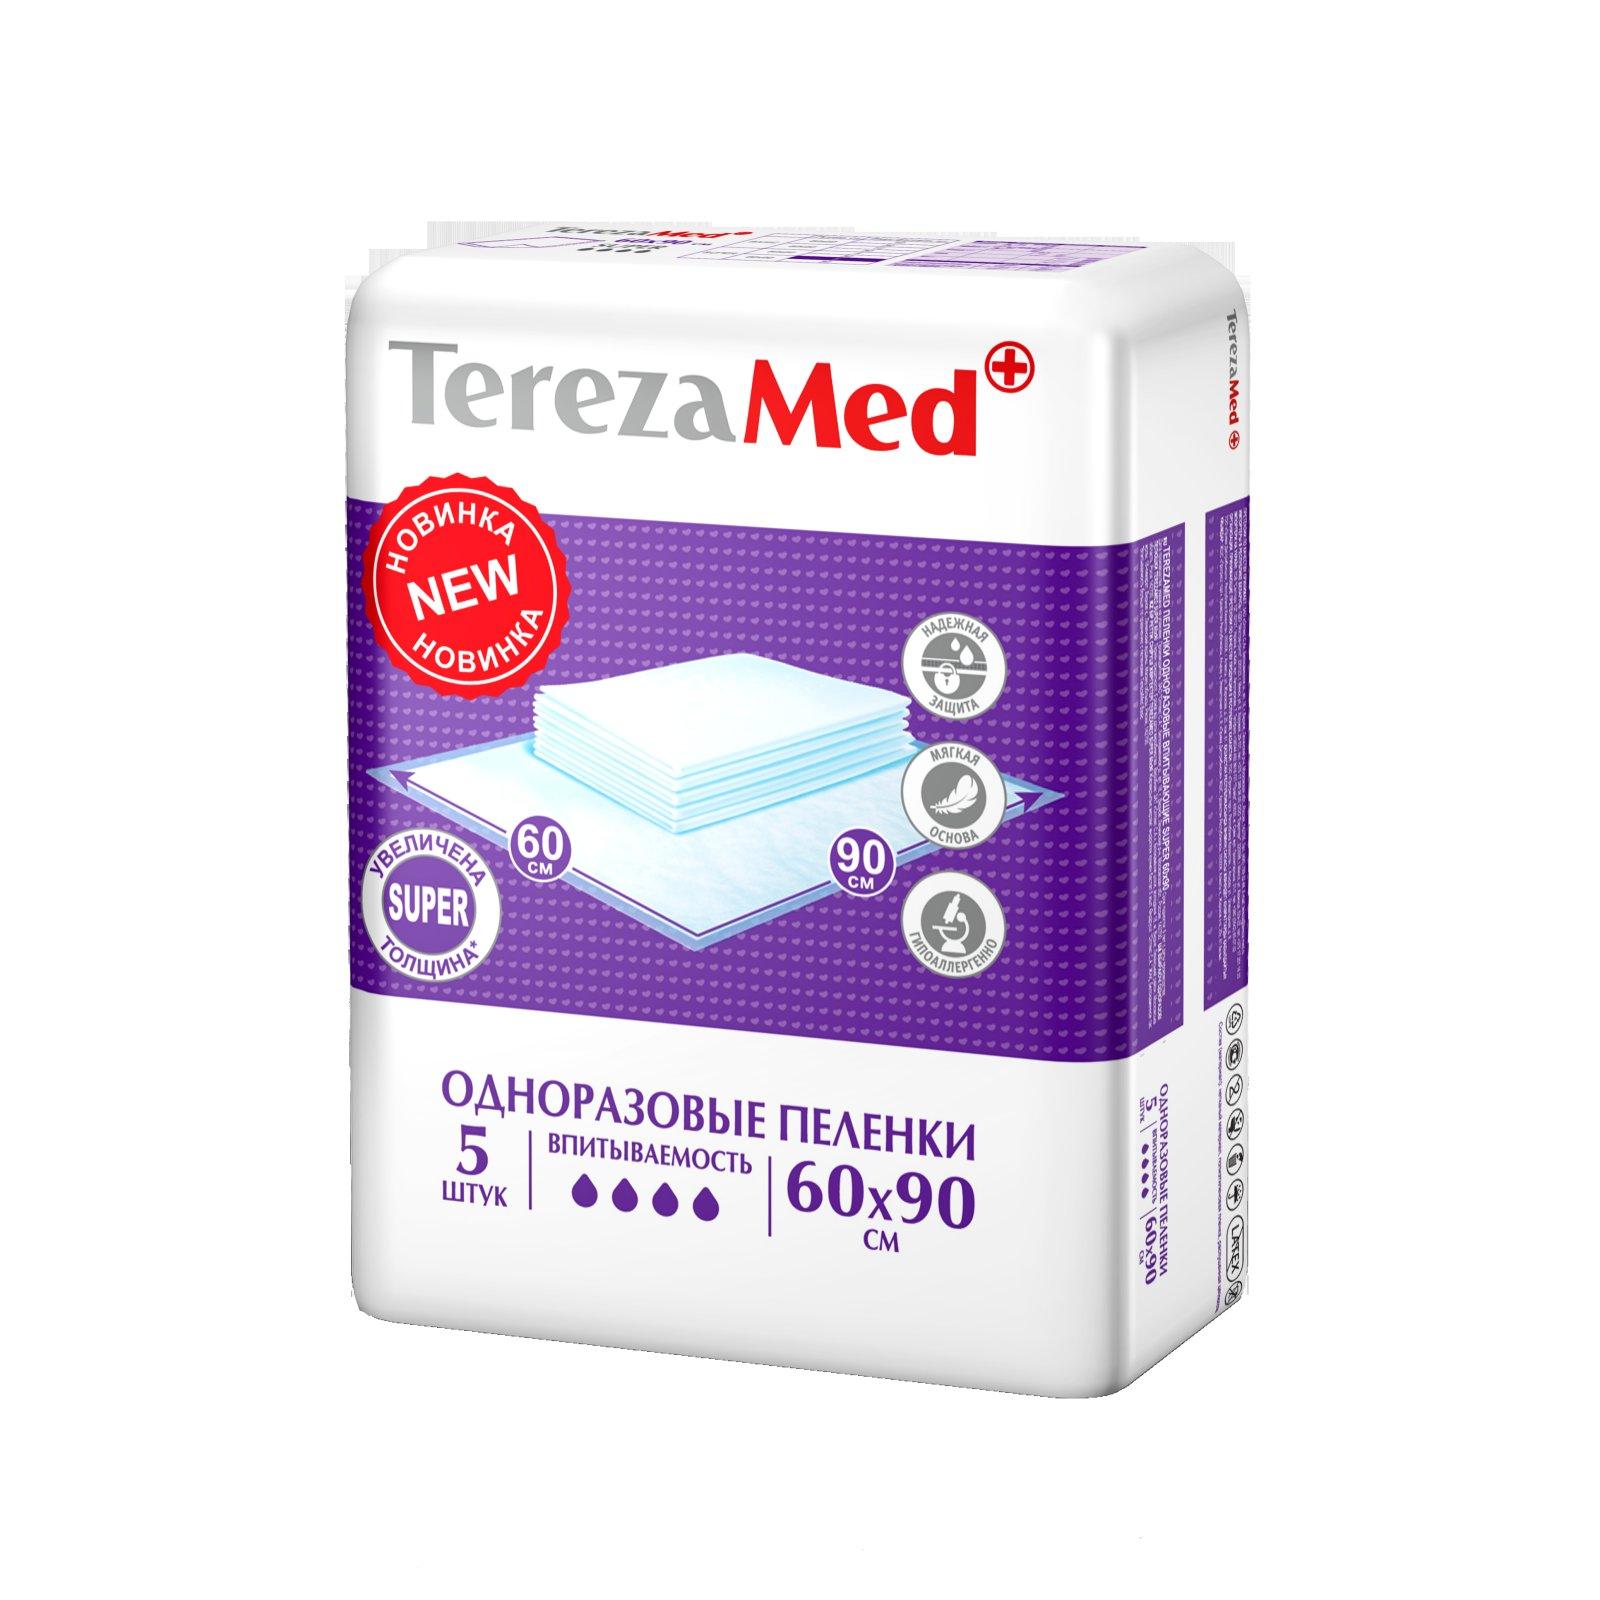 Tereza Med Пеленки одноразовые впитывающие Super 60х90 уп.5 (NEW)16833Одноразовые впитывающие пеленки TerezaMed предназначены для защиты постельного белья при уходе за детьми и взрослыми. Пеленки состоят из трех слоев, обеспечивающих надежную защиту постельного болья. Нижний слой выполнен из полиэтиленовой пленки, предотвращающей протекание жидкости. Средний слой состоит из распущенной целлюлозы, отбеленной без применения хлора и полностью безопасной и антиаллергенной. Мягкий верхний слой из нетканого полотна впитывает жидкость и проводит ее внутрь пеленки. Одноразовые пеленки TerezaMed имеют тиснение в виде ячеек (ромбов). Это позволяет запирать жидкость внутри таких ячеек и придает пеленкам повышенную надежность. Размер пеленки: 60х90см. Количество в упаковке: 5 штук. Впитываемость: 1700мл (±5%).